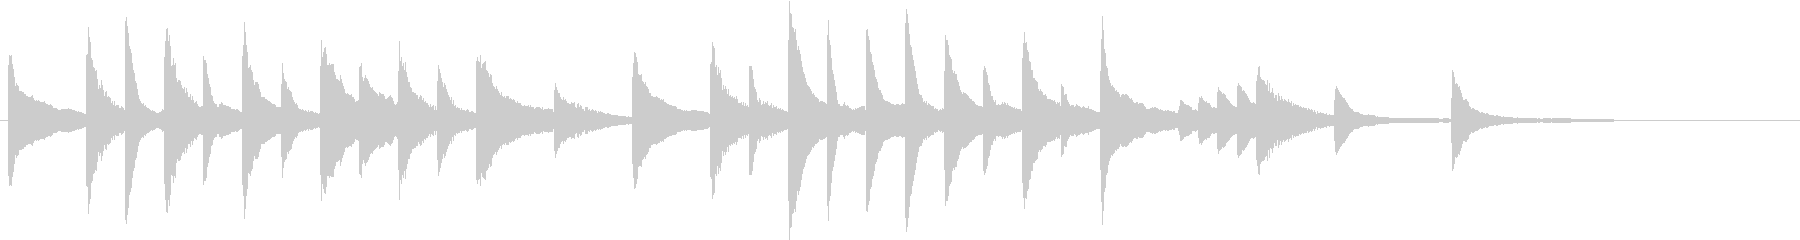 童謡・夕焼小焼モチーフのピアノジングルAの未再生の波形